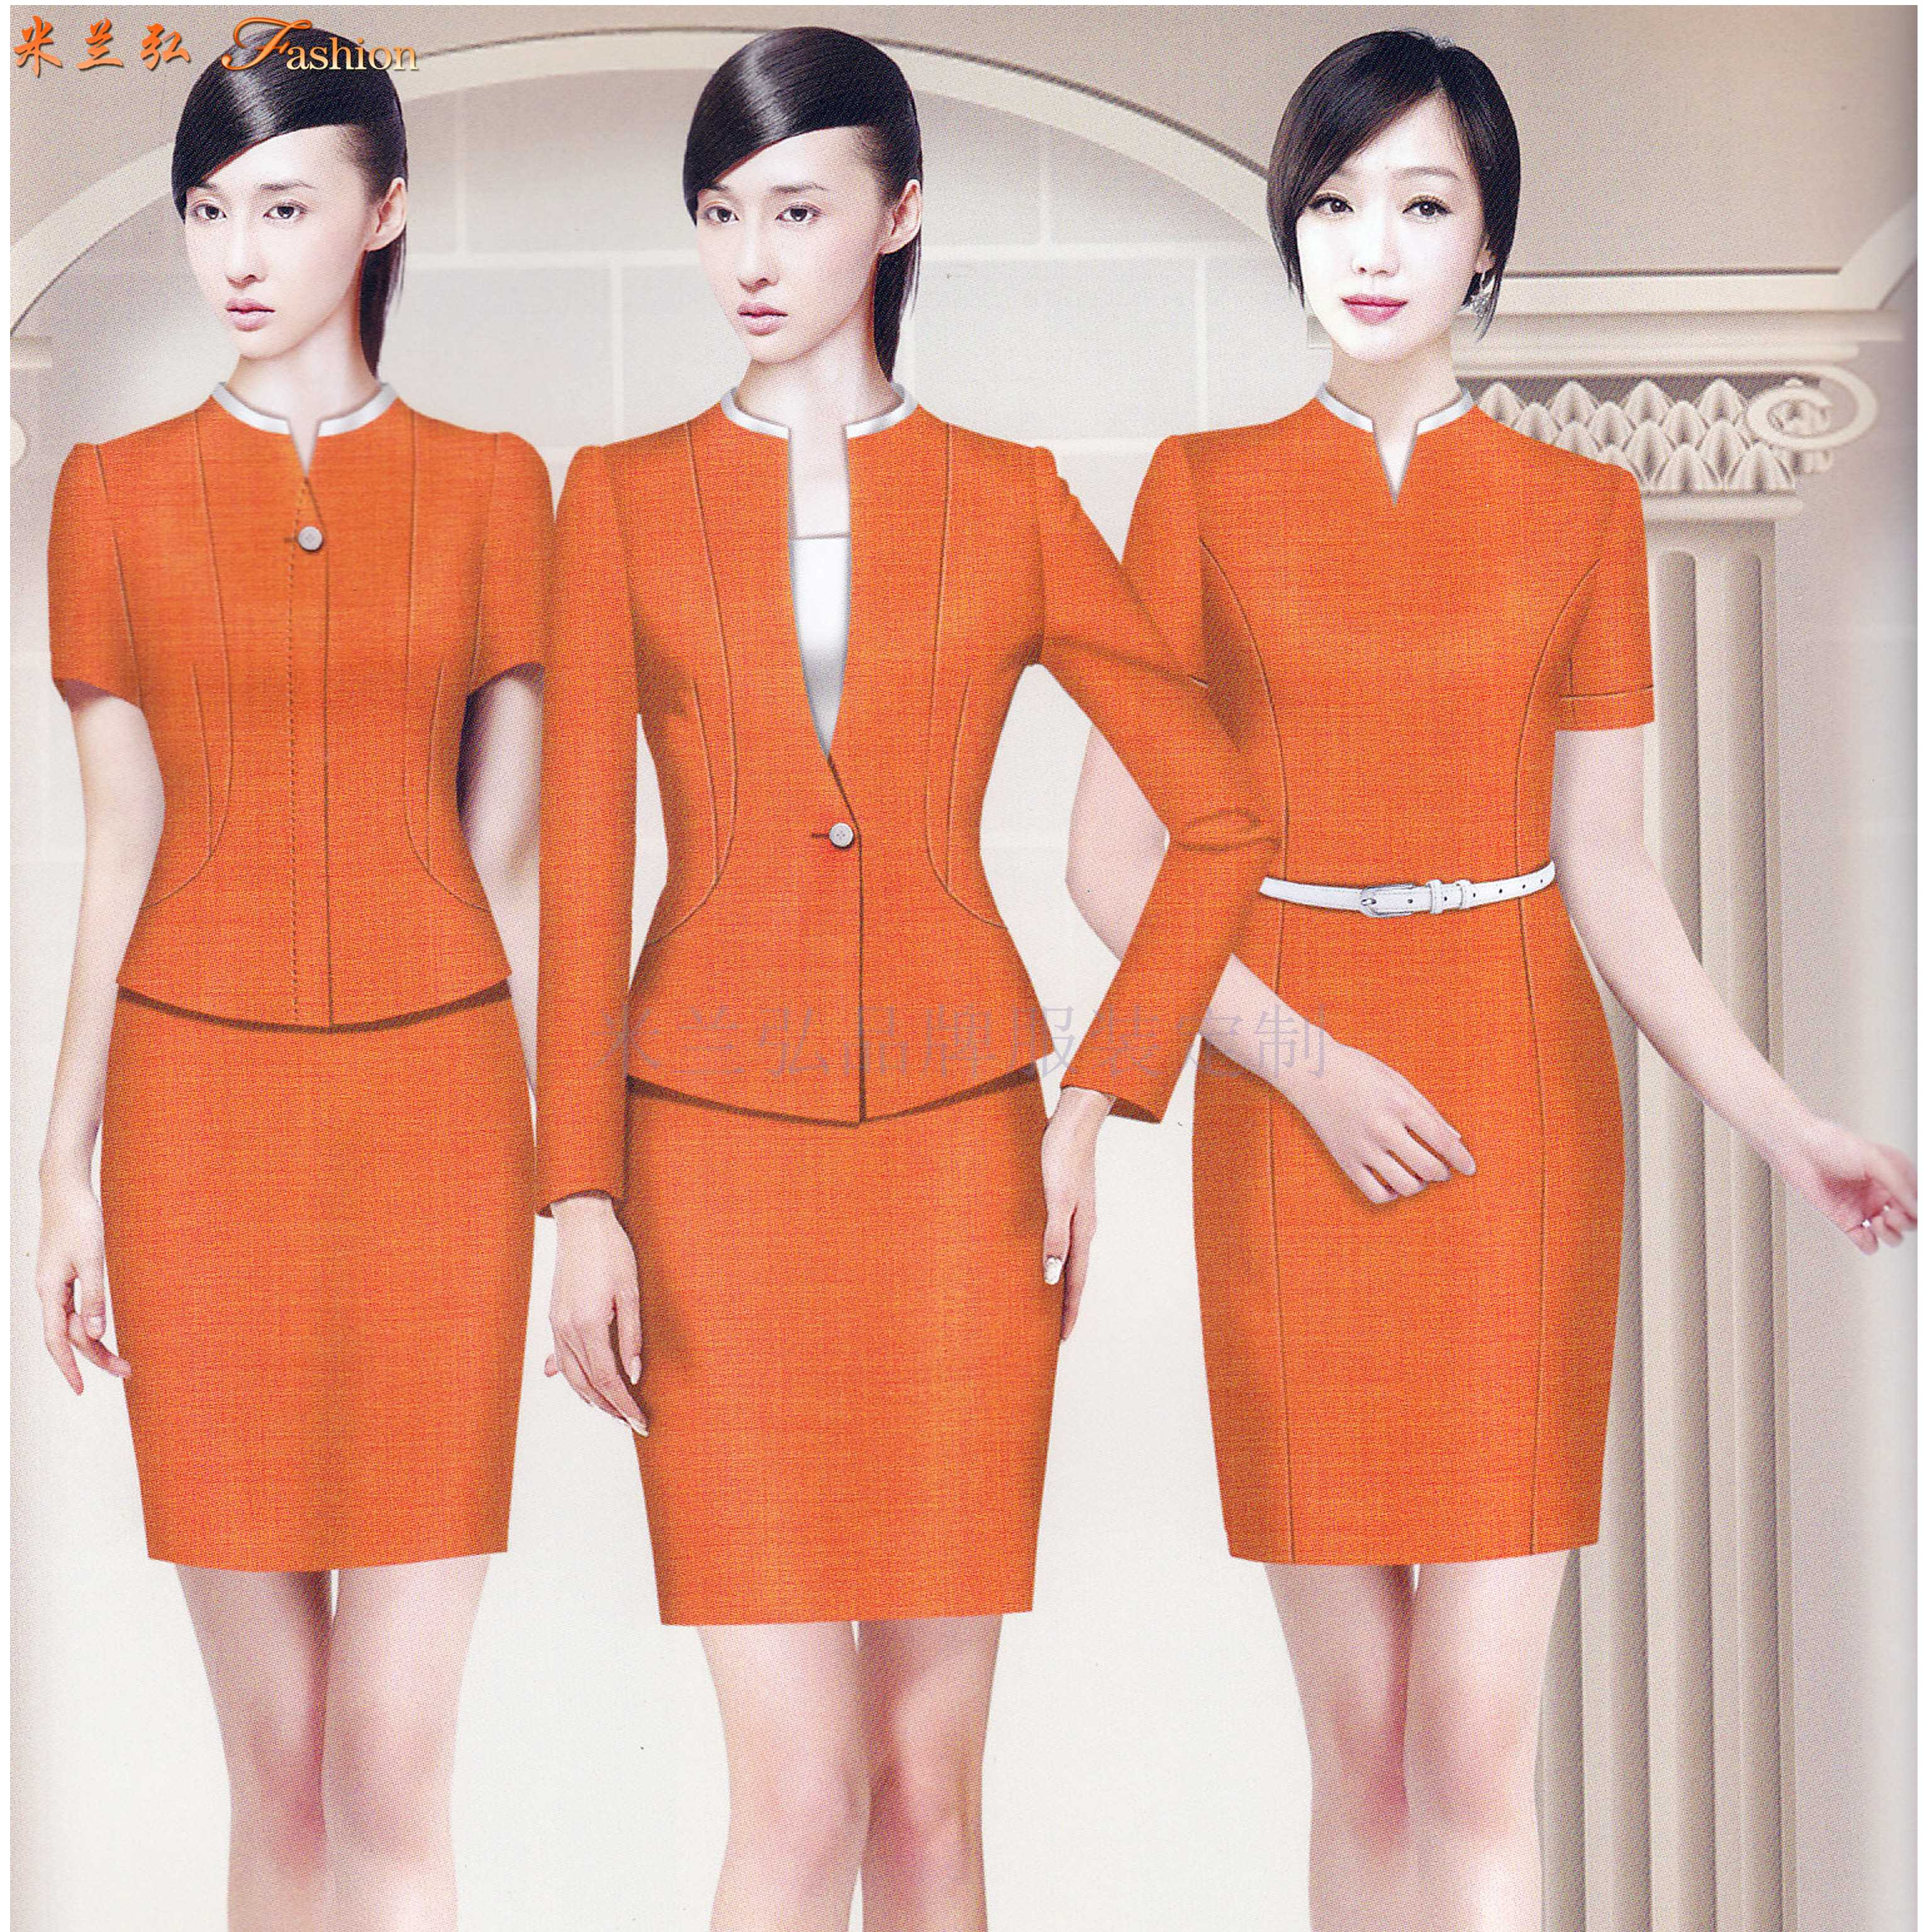 「銀川空姐服定制」「銀川空乘服訂做」推薦新穎潮流米蘭弘服裝-3